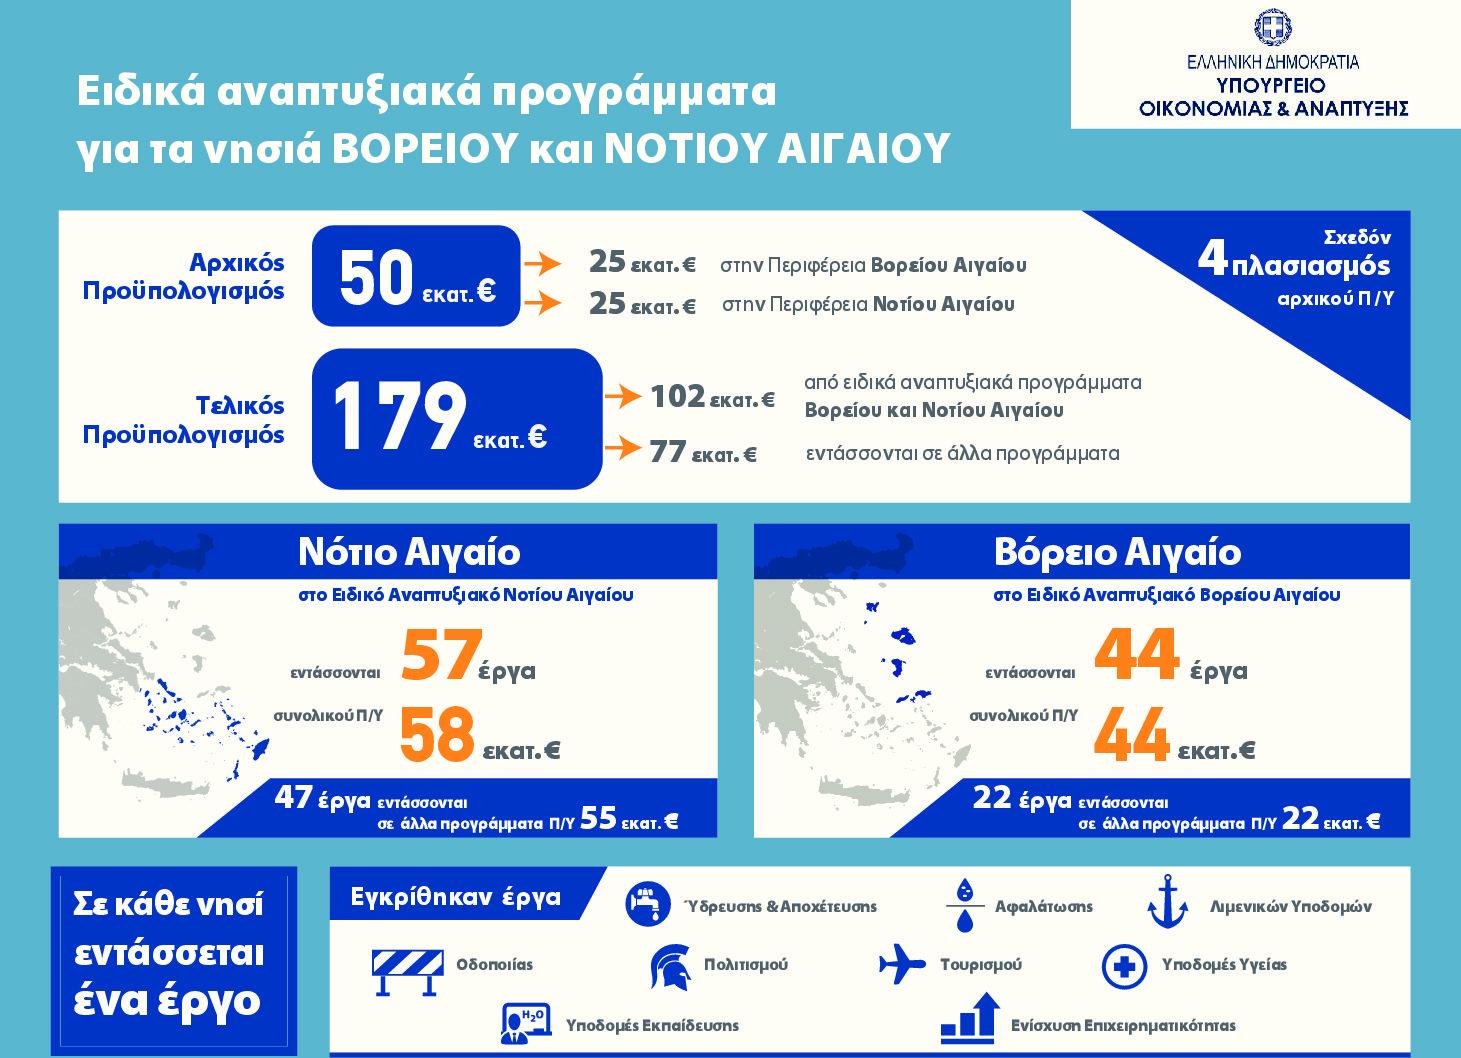 «Τρέχουν» έργα 179 εκατ. σε Βόρειο και Νότιο Αιγαίο